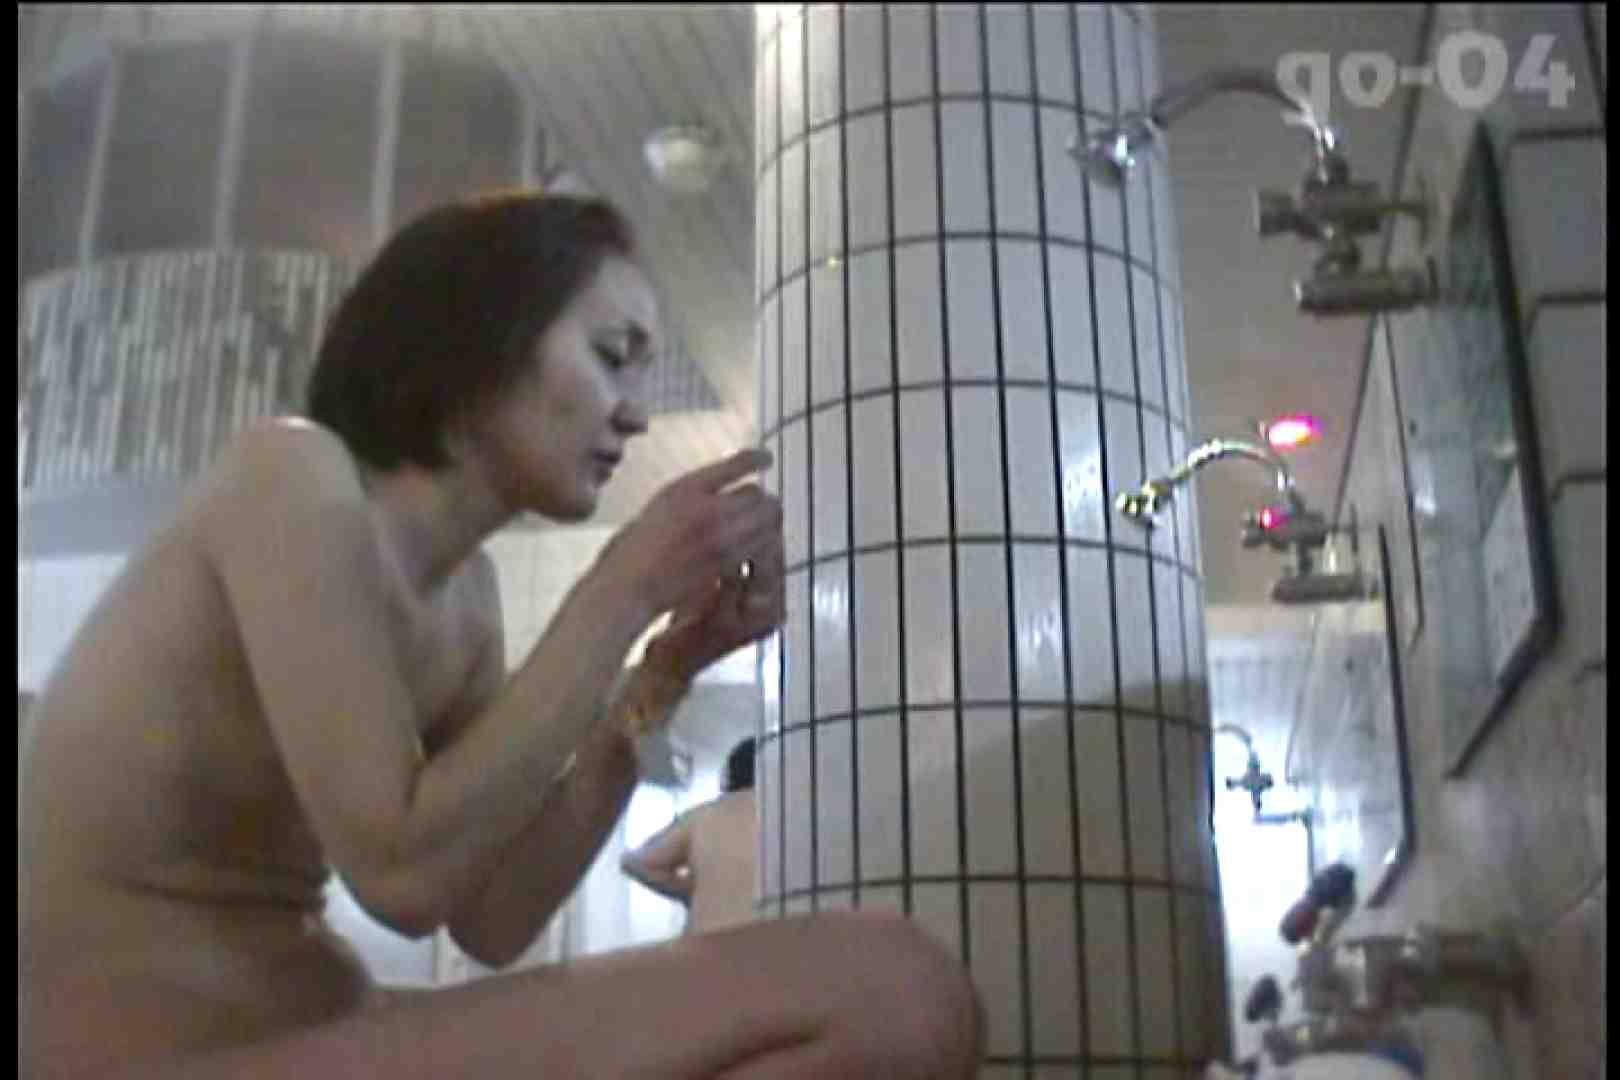 電波カメラ設置浴場からの防HAN映像 Vol.04 チラ | 盗撮映像大放出  81連発 40